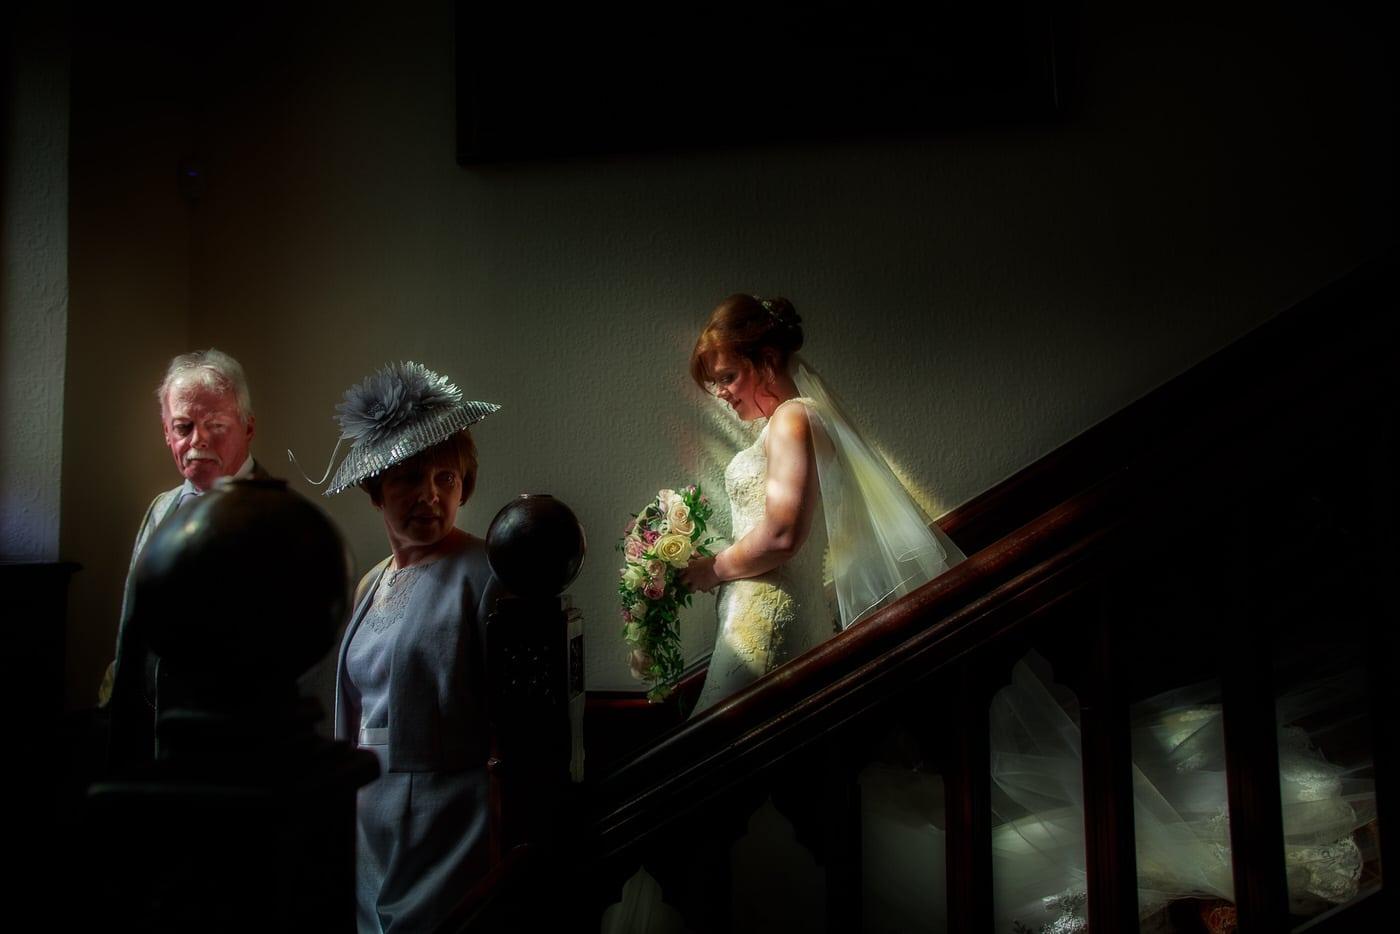 Tyn+Dwr+Hall+Wedding